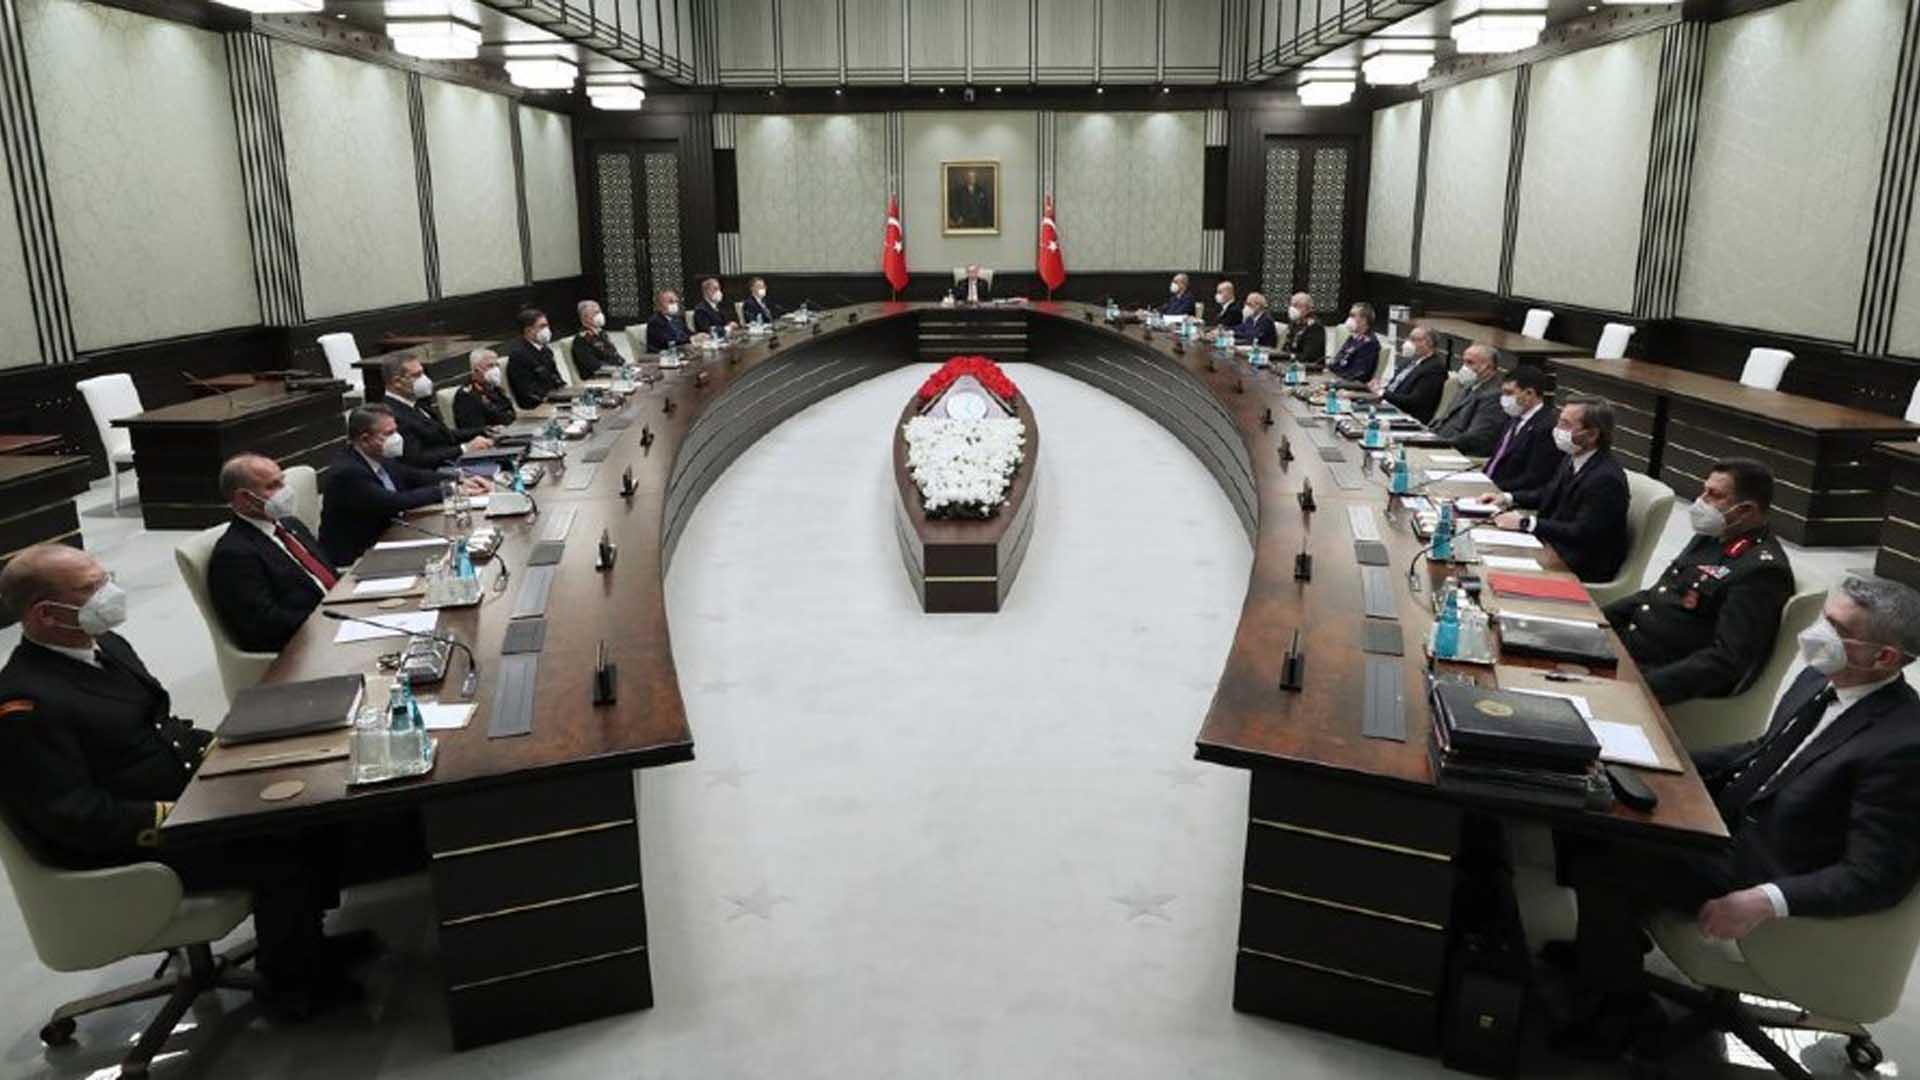 مجلس الأمن القومي التركي وقضية اللاجئين السوريين